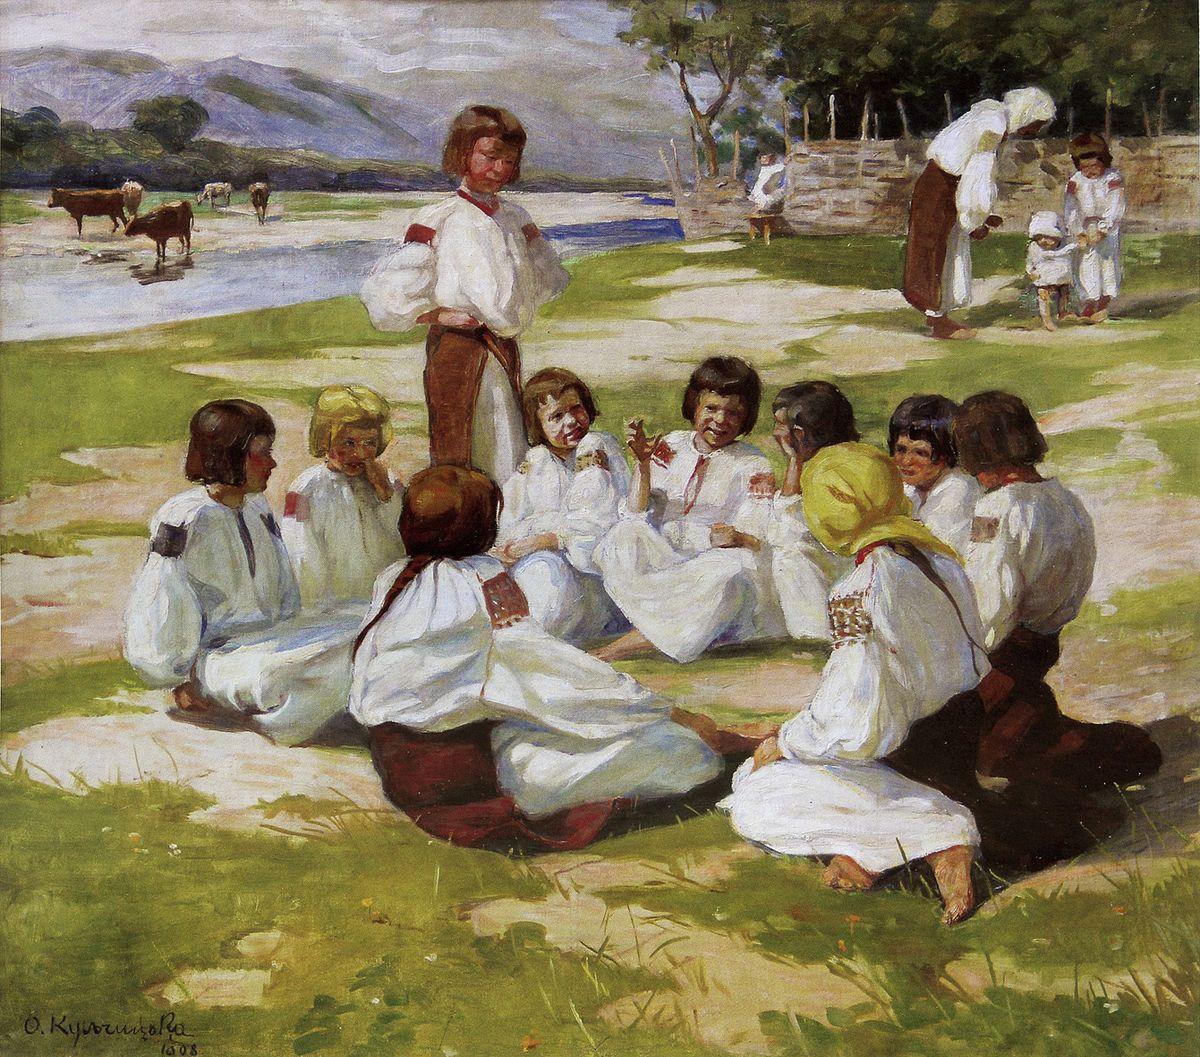 Олена Кульчицька. Діти на леваді, Косів, 1908